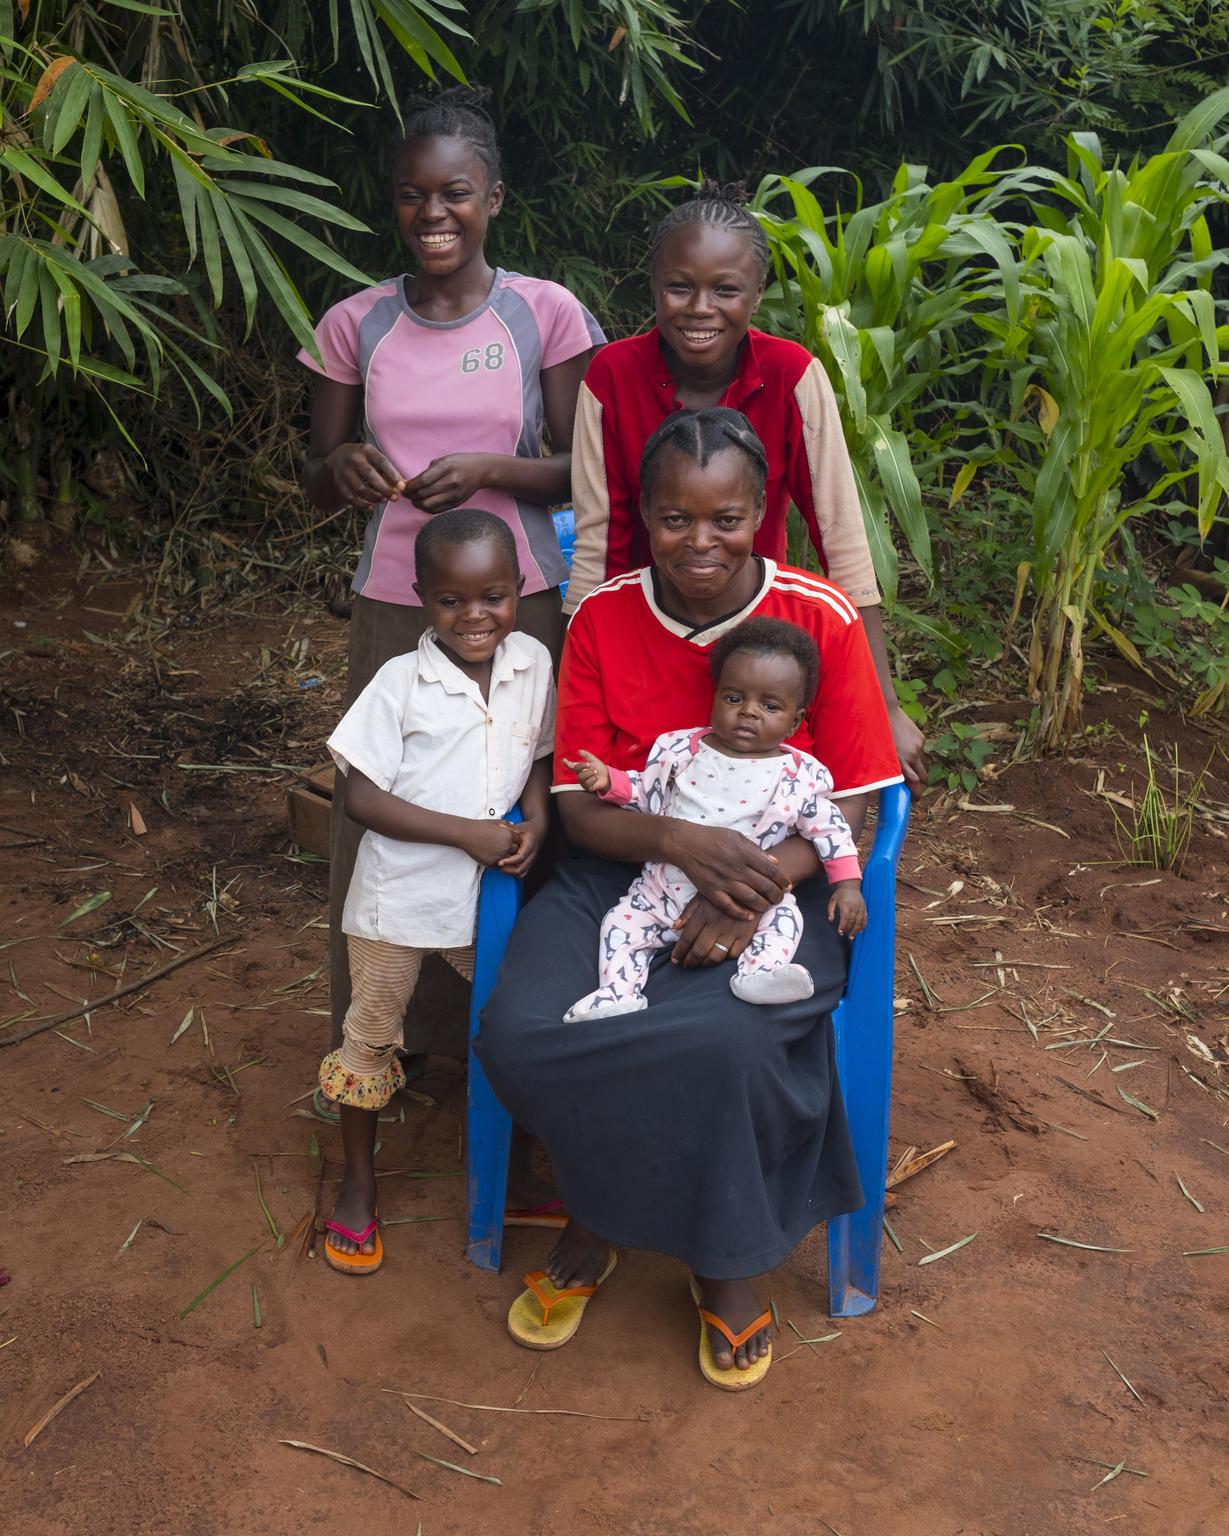 Rose Tupemunin perhe asui syrjäisessä kylässä Kongon demokraattisessa tasavallassa vielä viime vuonna. Taisteluiden takia perhe joutui kuitenkin jättämään kodin taakseen ja pakenemaan. Pakomatkan vuoksi äiti Rose ei pystynyt viemään kolmevuotiasta tytärtään rokotettavaksi tuhkarokkoa vastaan ja tauti vie lopulta tyttären hengen. Tuhkarokko levisi Kongon demokraattisessa tasavallassa vuonna 2019 hälyttävästi ympäri maata. Tartunnoista 74 prosenttia ja kuolemista lähes 90 prosenttia on todettu alle viisivuotiailla lapsilla. Tuhkarokkoedpidemiasta on tullut maassa tappavampi kuin ebolasta. UNICEF on toimittanut yli 8,6 miljoonaa tuhkarokkorokotetta, johtanut rokotekampanjoita ja rokottanut yli 1,4 miljoonaa lasta alueilla, jossa tauti on jyllännyt pahiten. Rosen perhe pääsi pakoon, ja asuu nyt Tshikapassa. He pääsevät Katangan alueen terveyspalveluiden piiriin. Rose on asettanut lastensa rokottamisen ensisijaisen tärkeäksi. Nyt kaikki perheen lapset on rokotettu tuhkarokkoa vastaan.  Kuva: ©UNICEF/UNI229157/Nybo